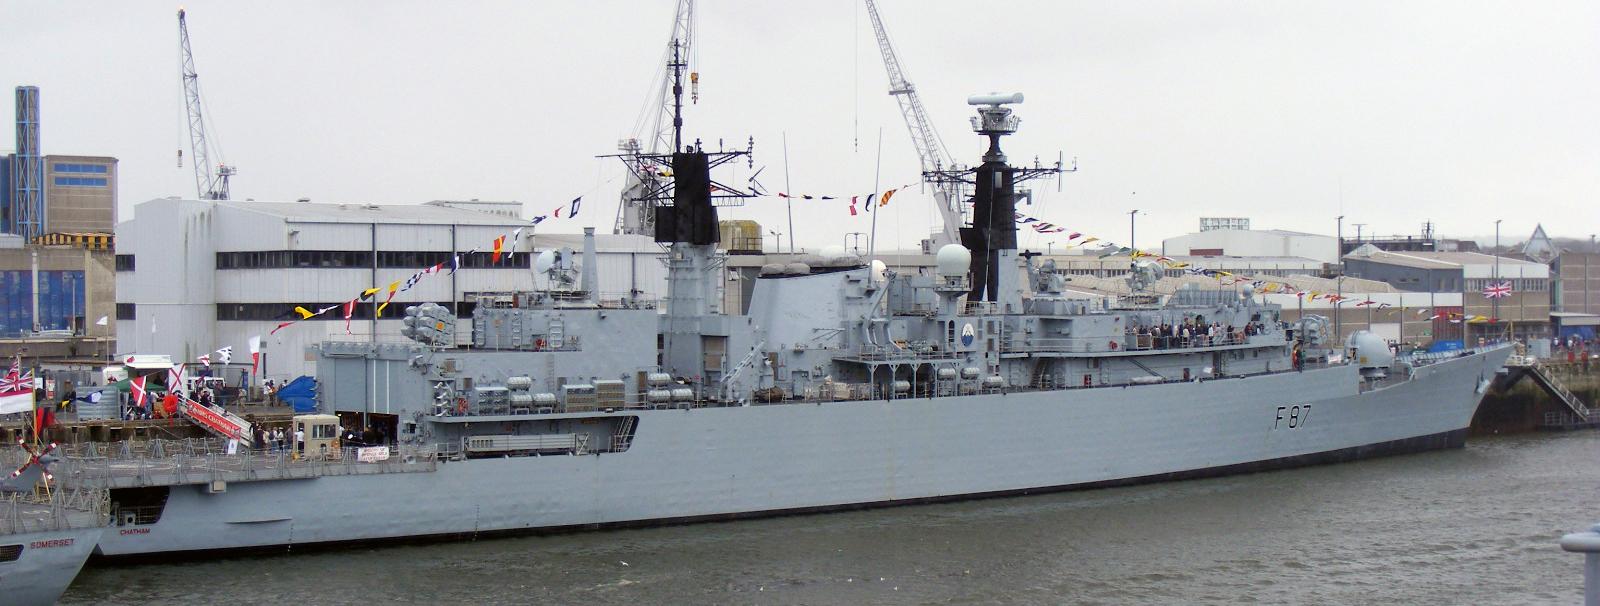 HMS Chatham (F87) - Wikipedia